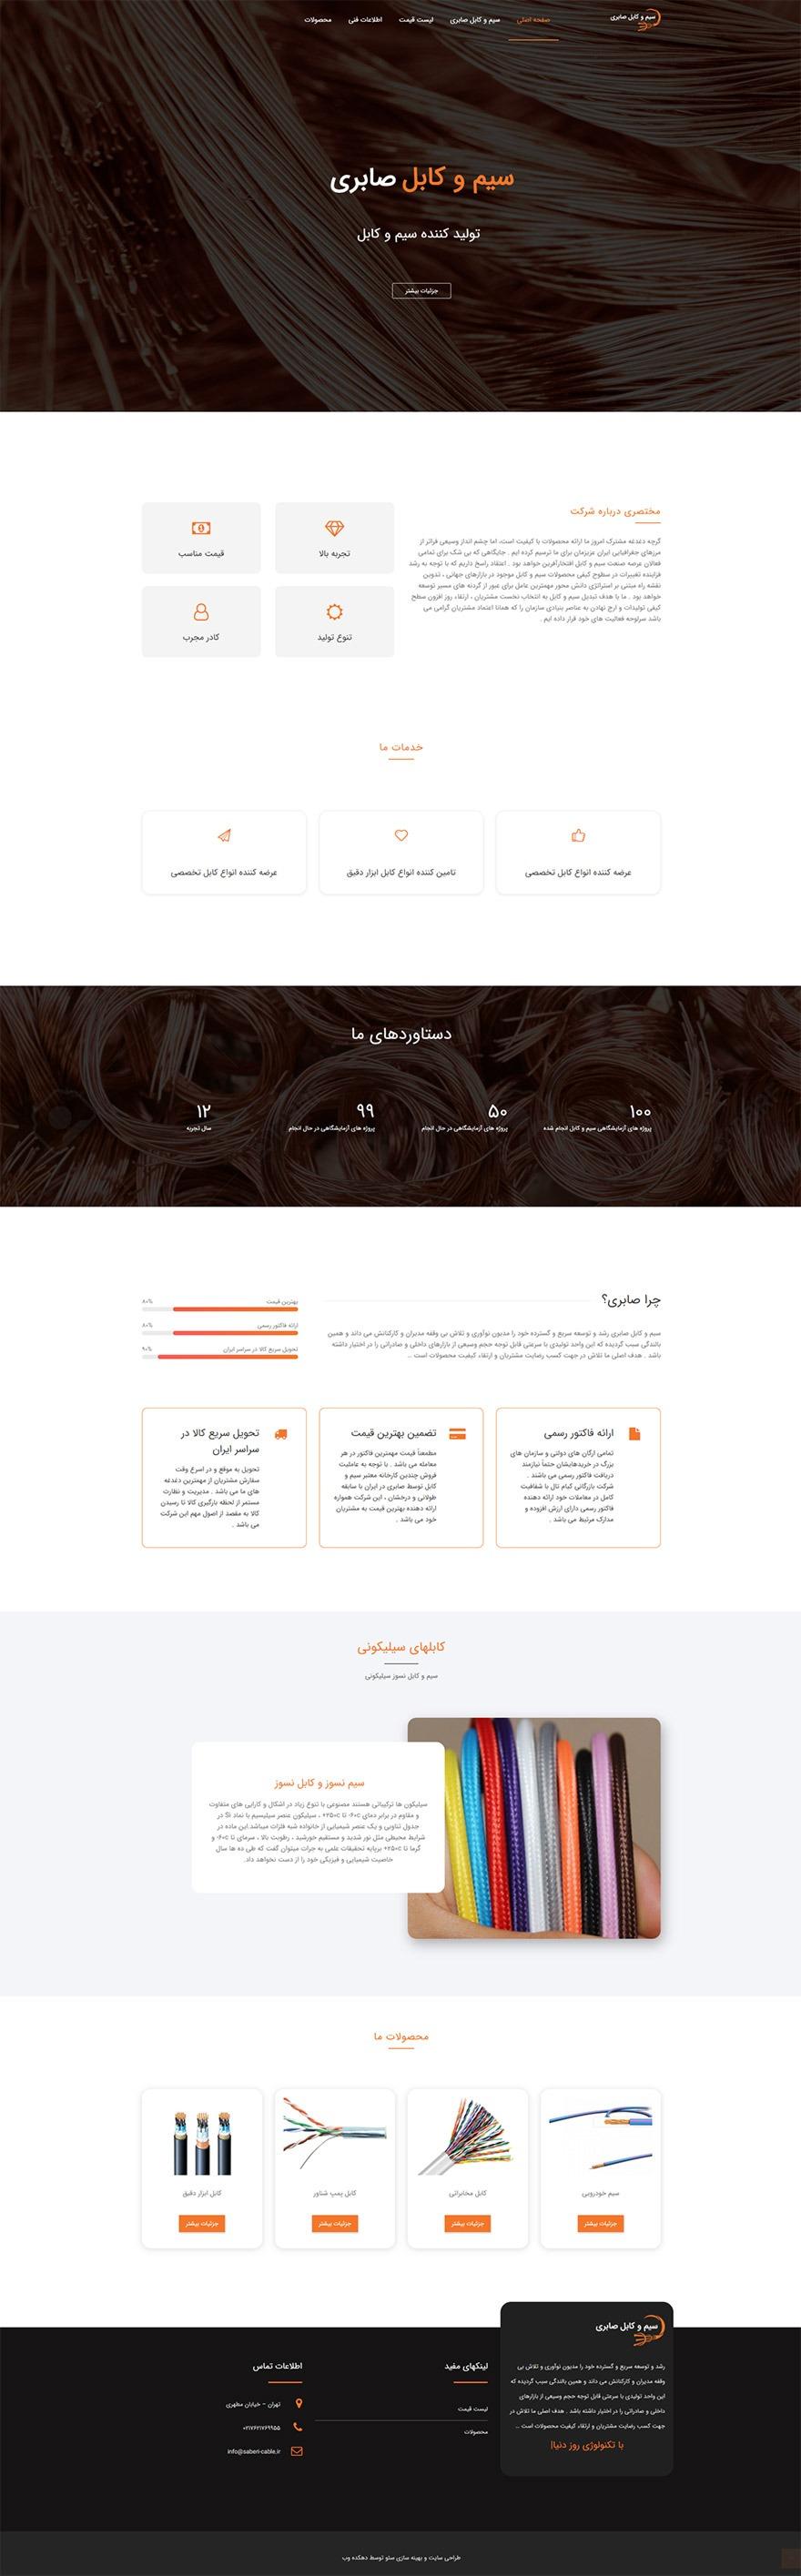 طراحی سایت سیم و کابل صابری